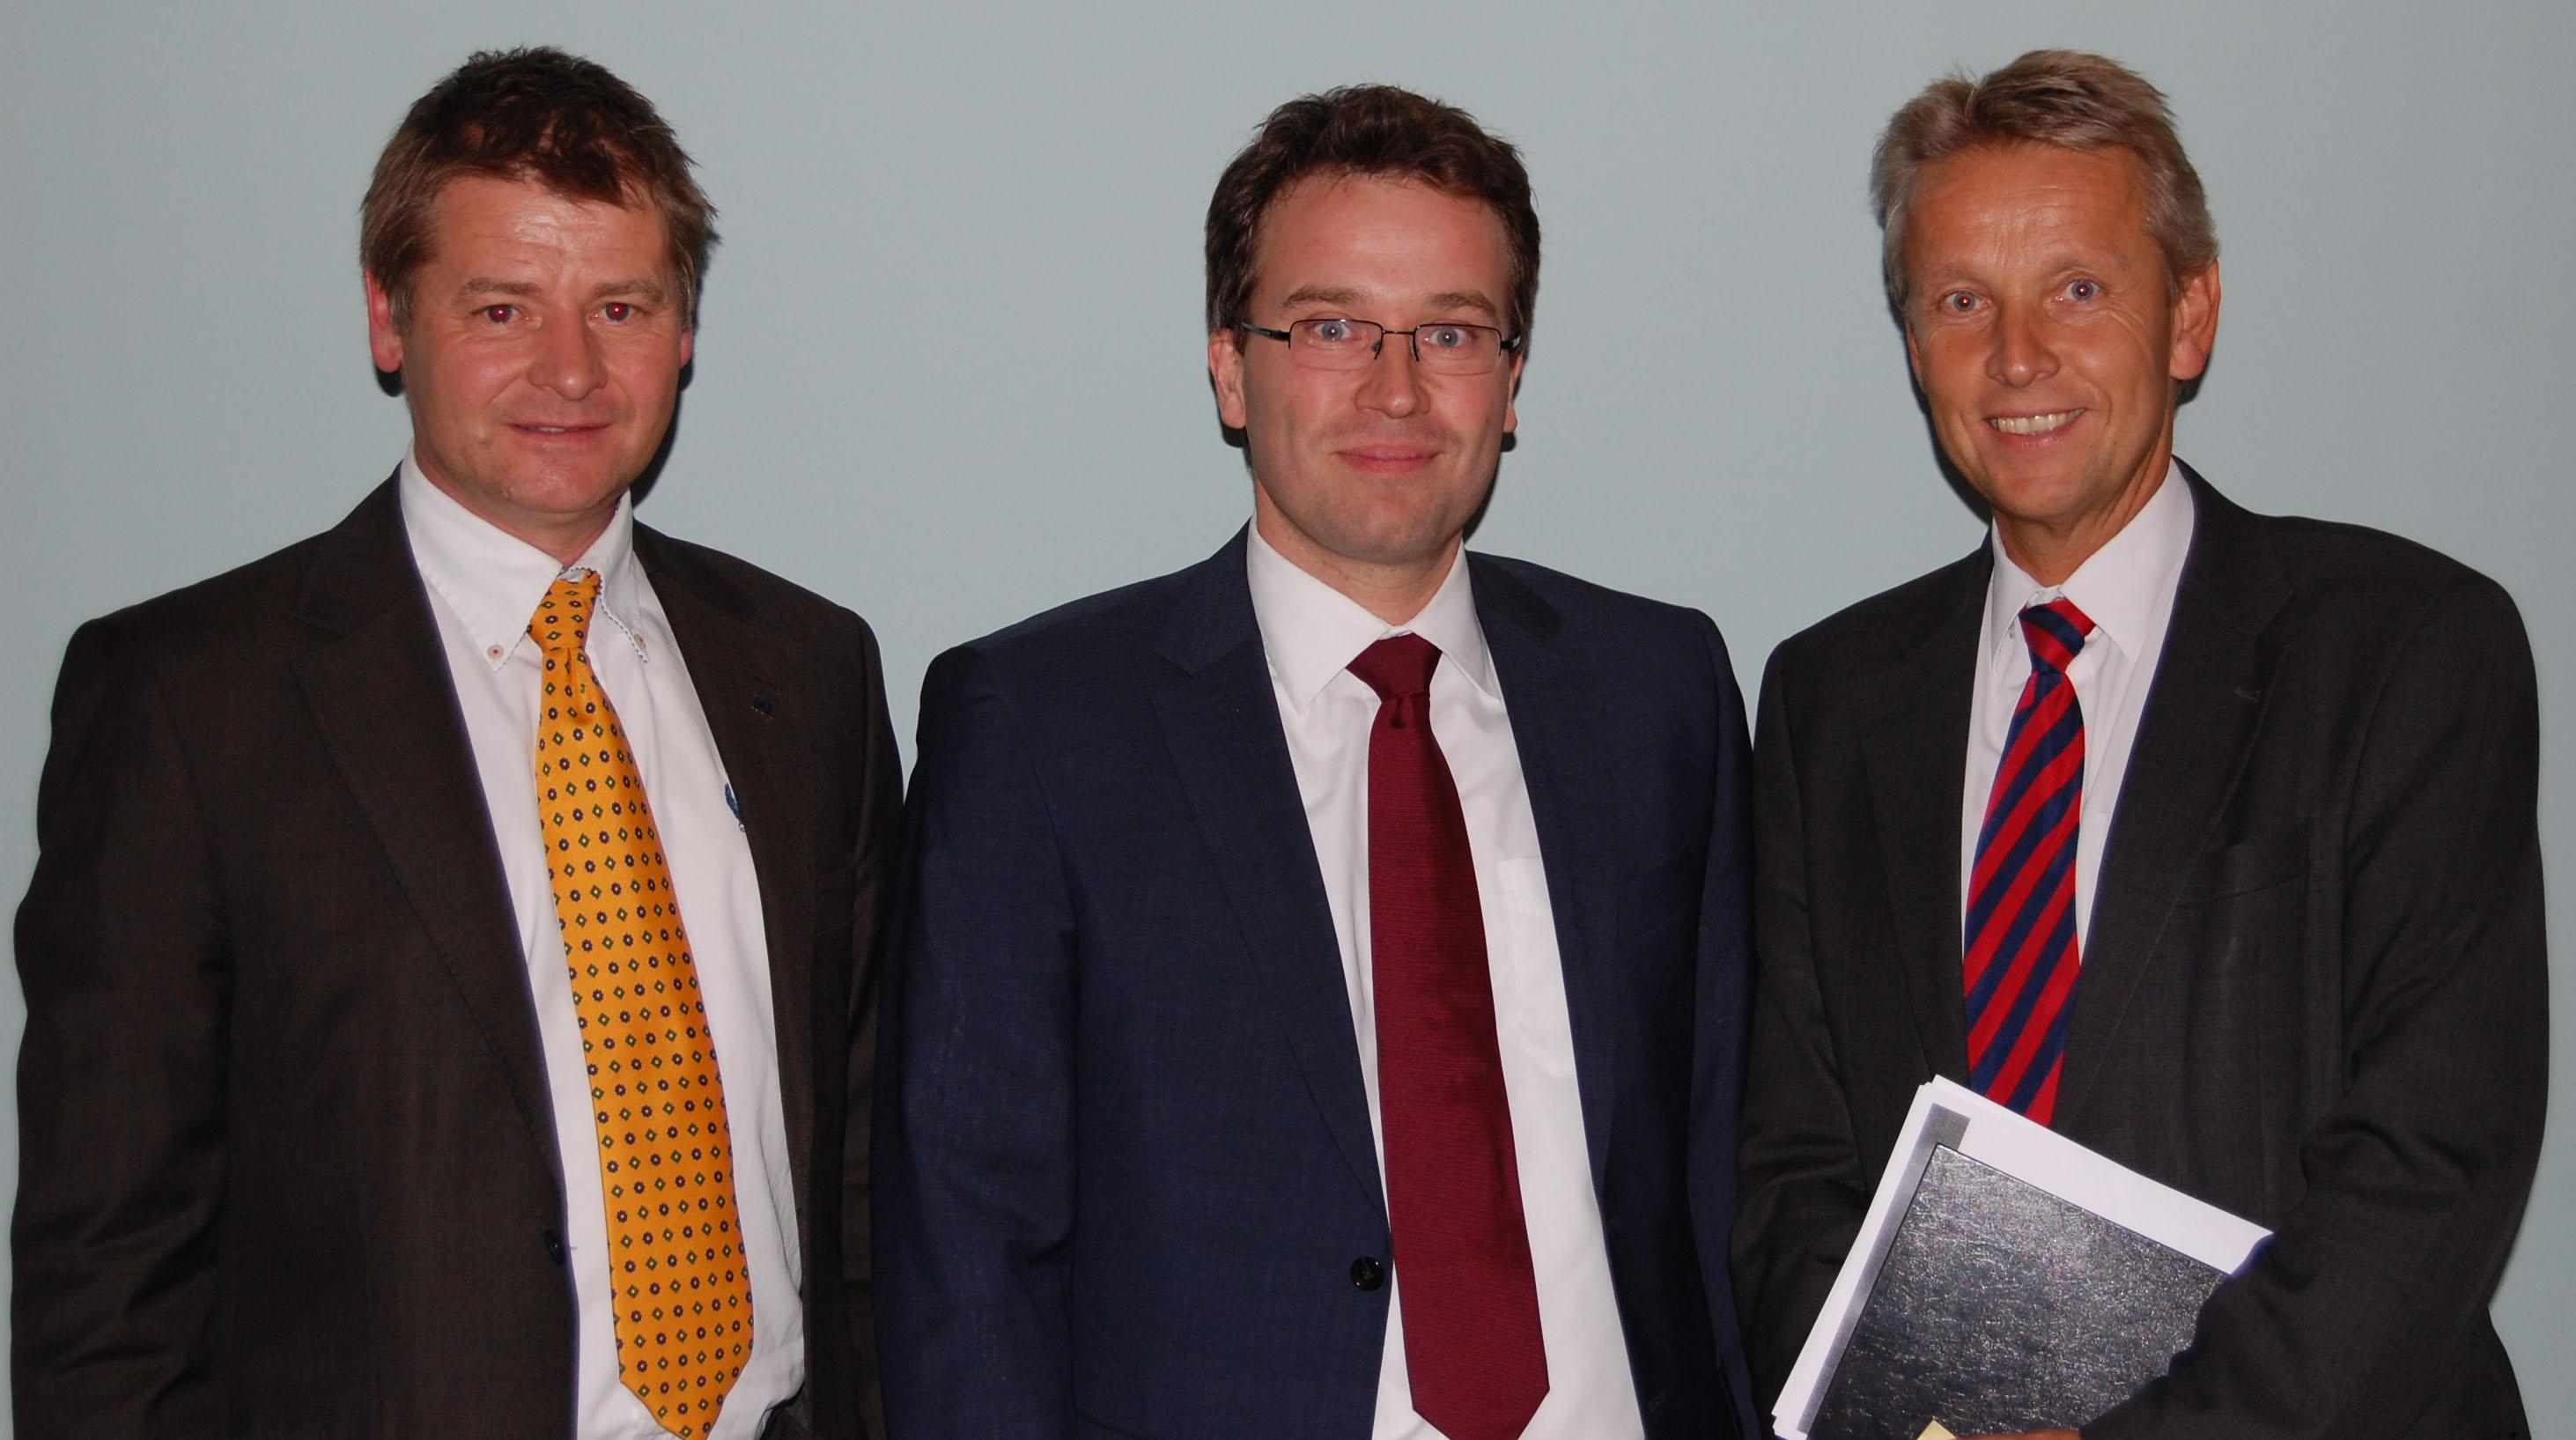 v.l.n.r.: RMO-Geschäftsführer Horst Fidlschuster, AMS-Chef Dr. Johannes Kopf